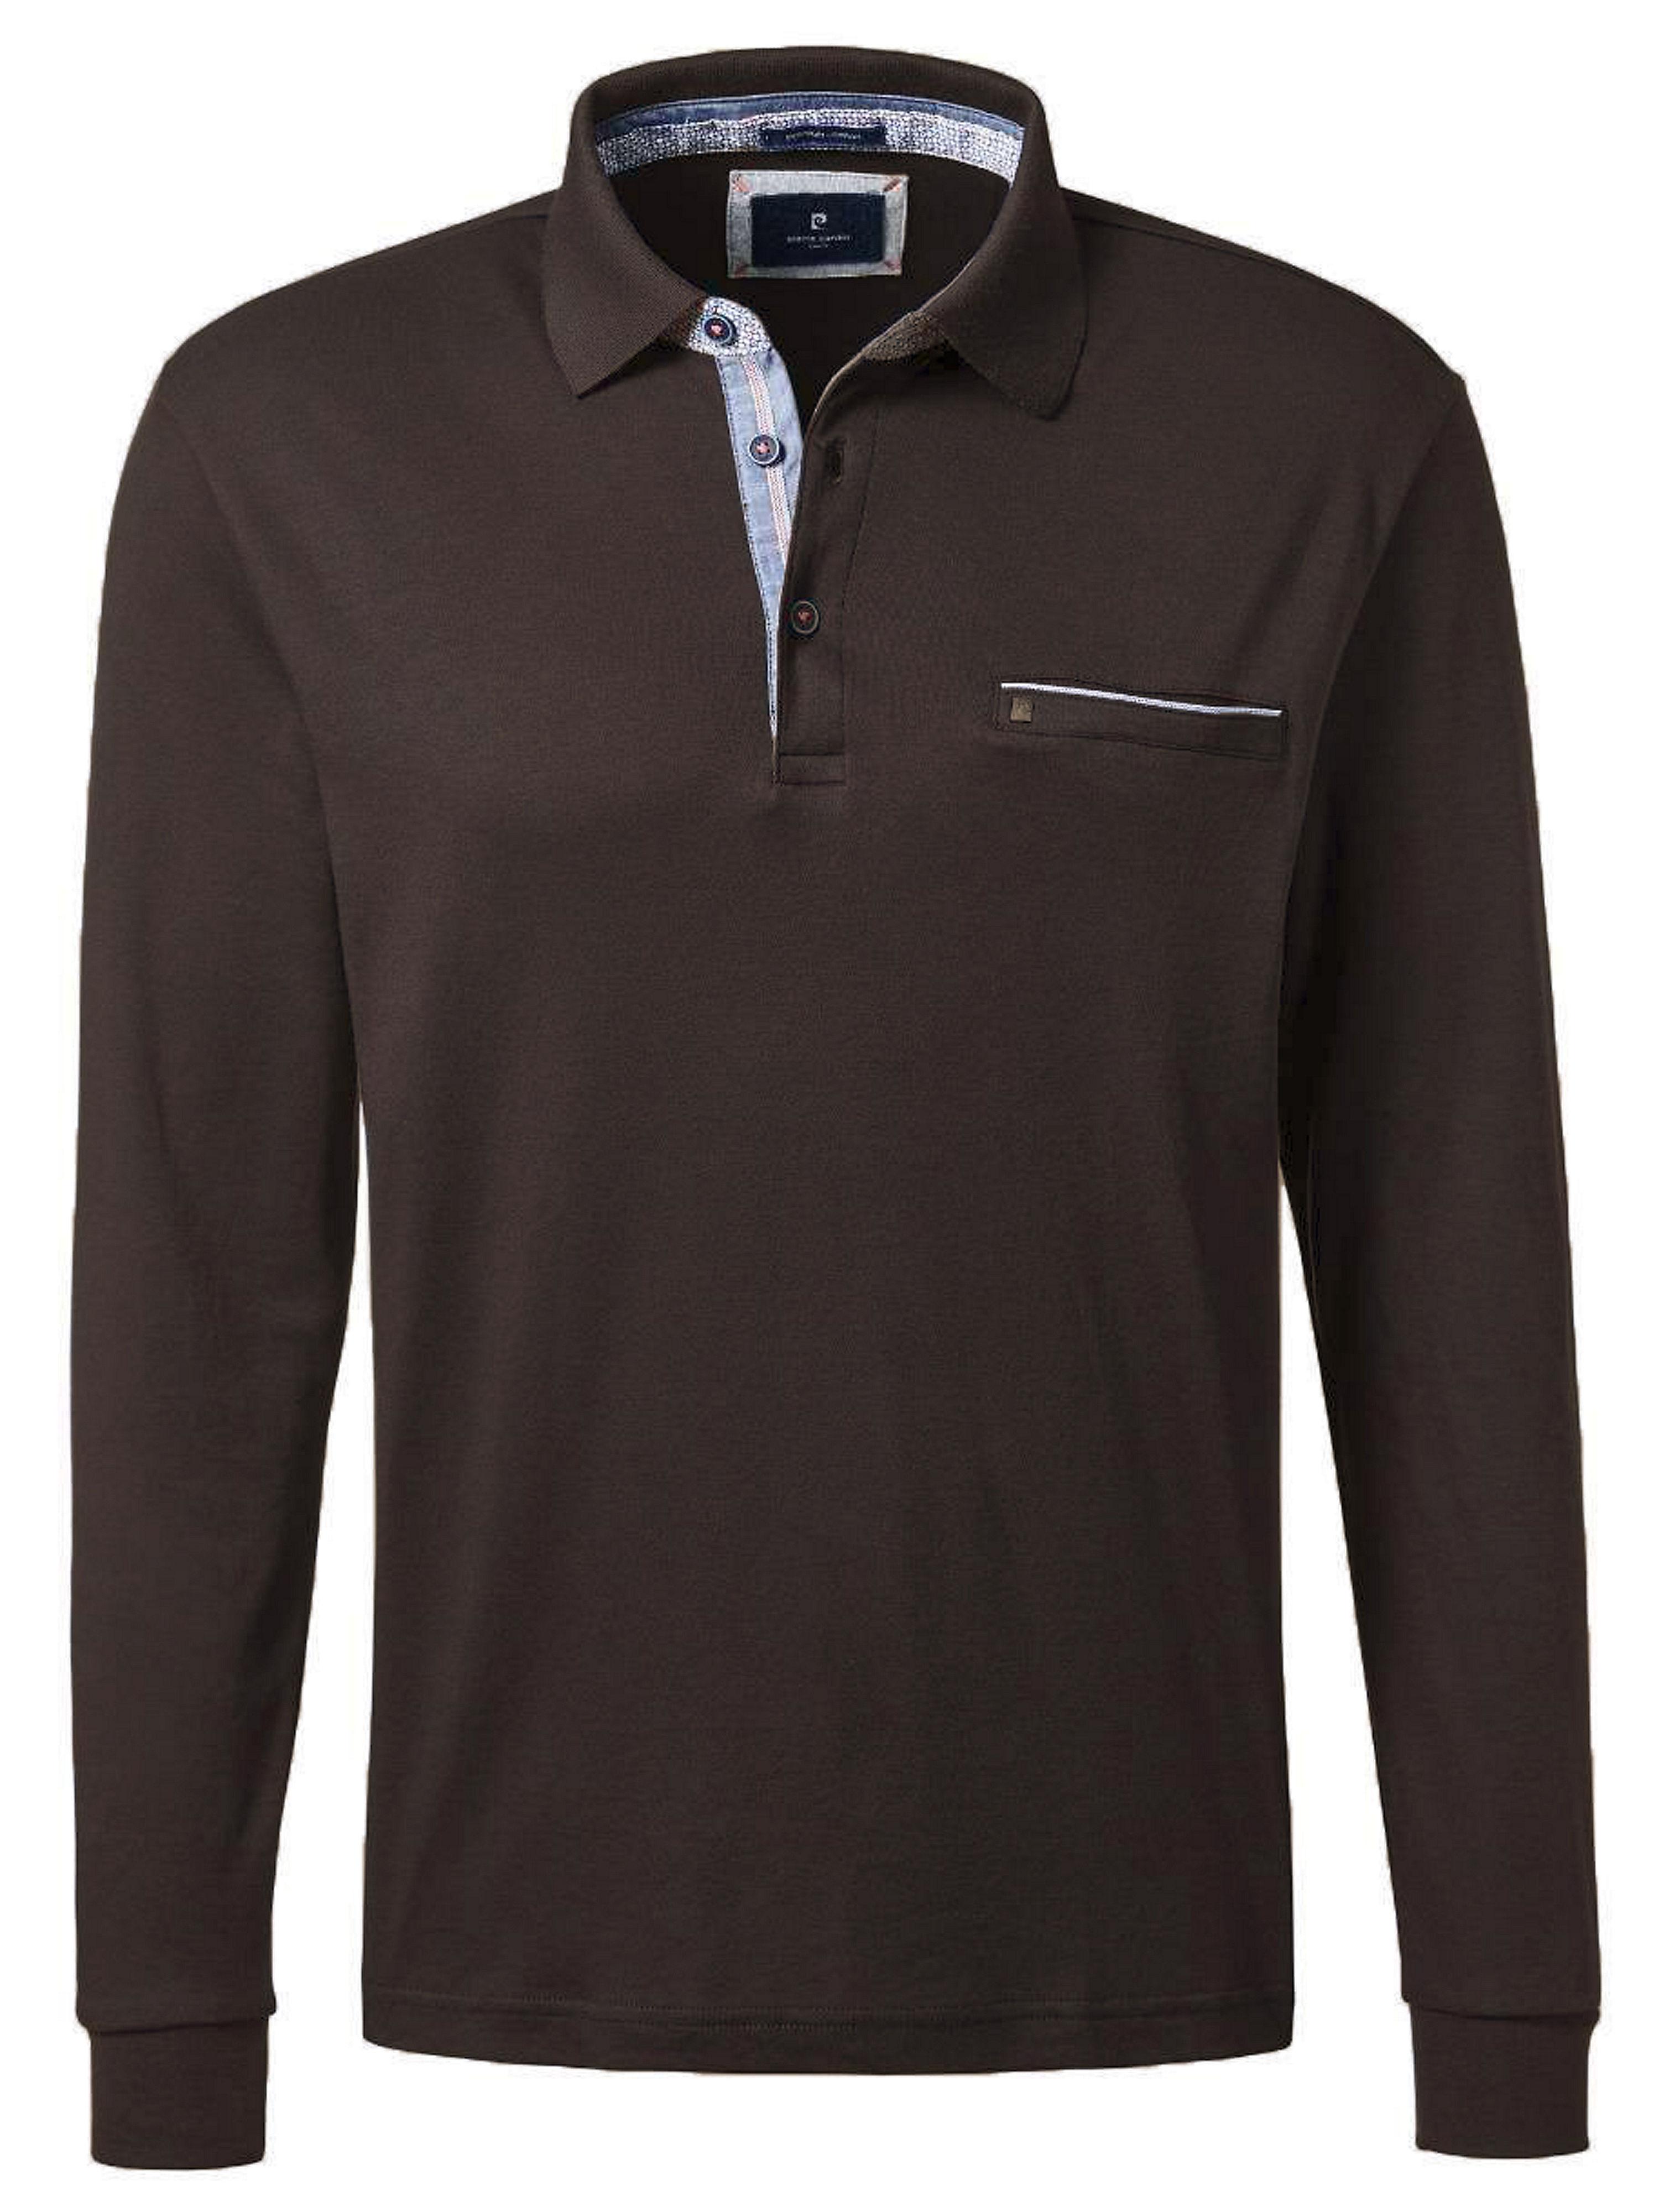 Poloshirt Van Pierre Cardin grijs